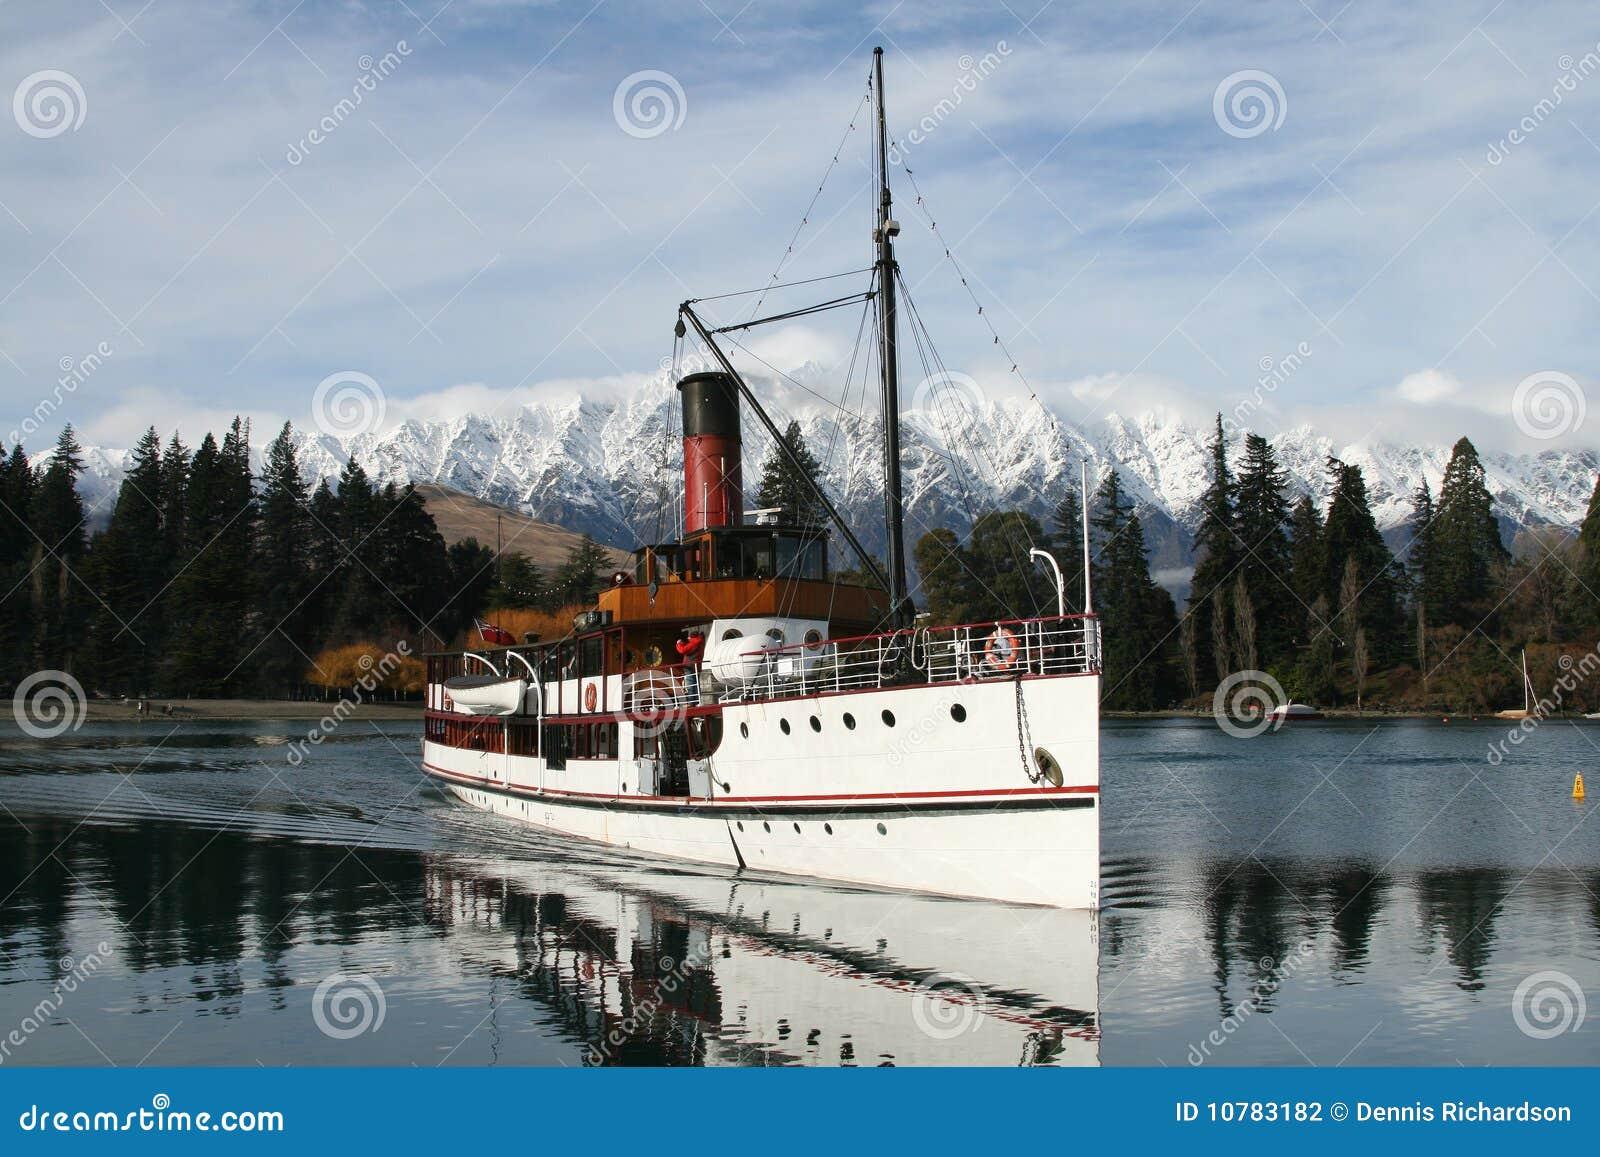 el barco de vapor com: